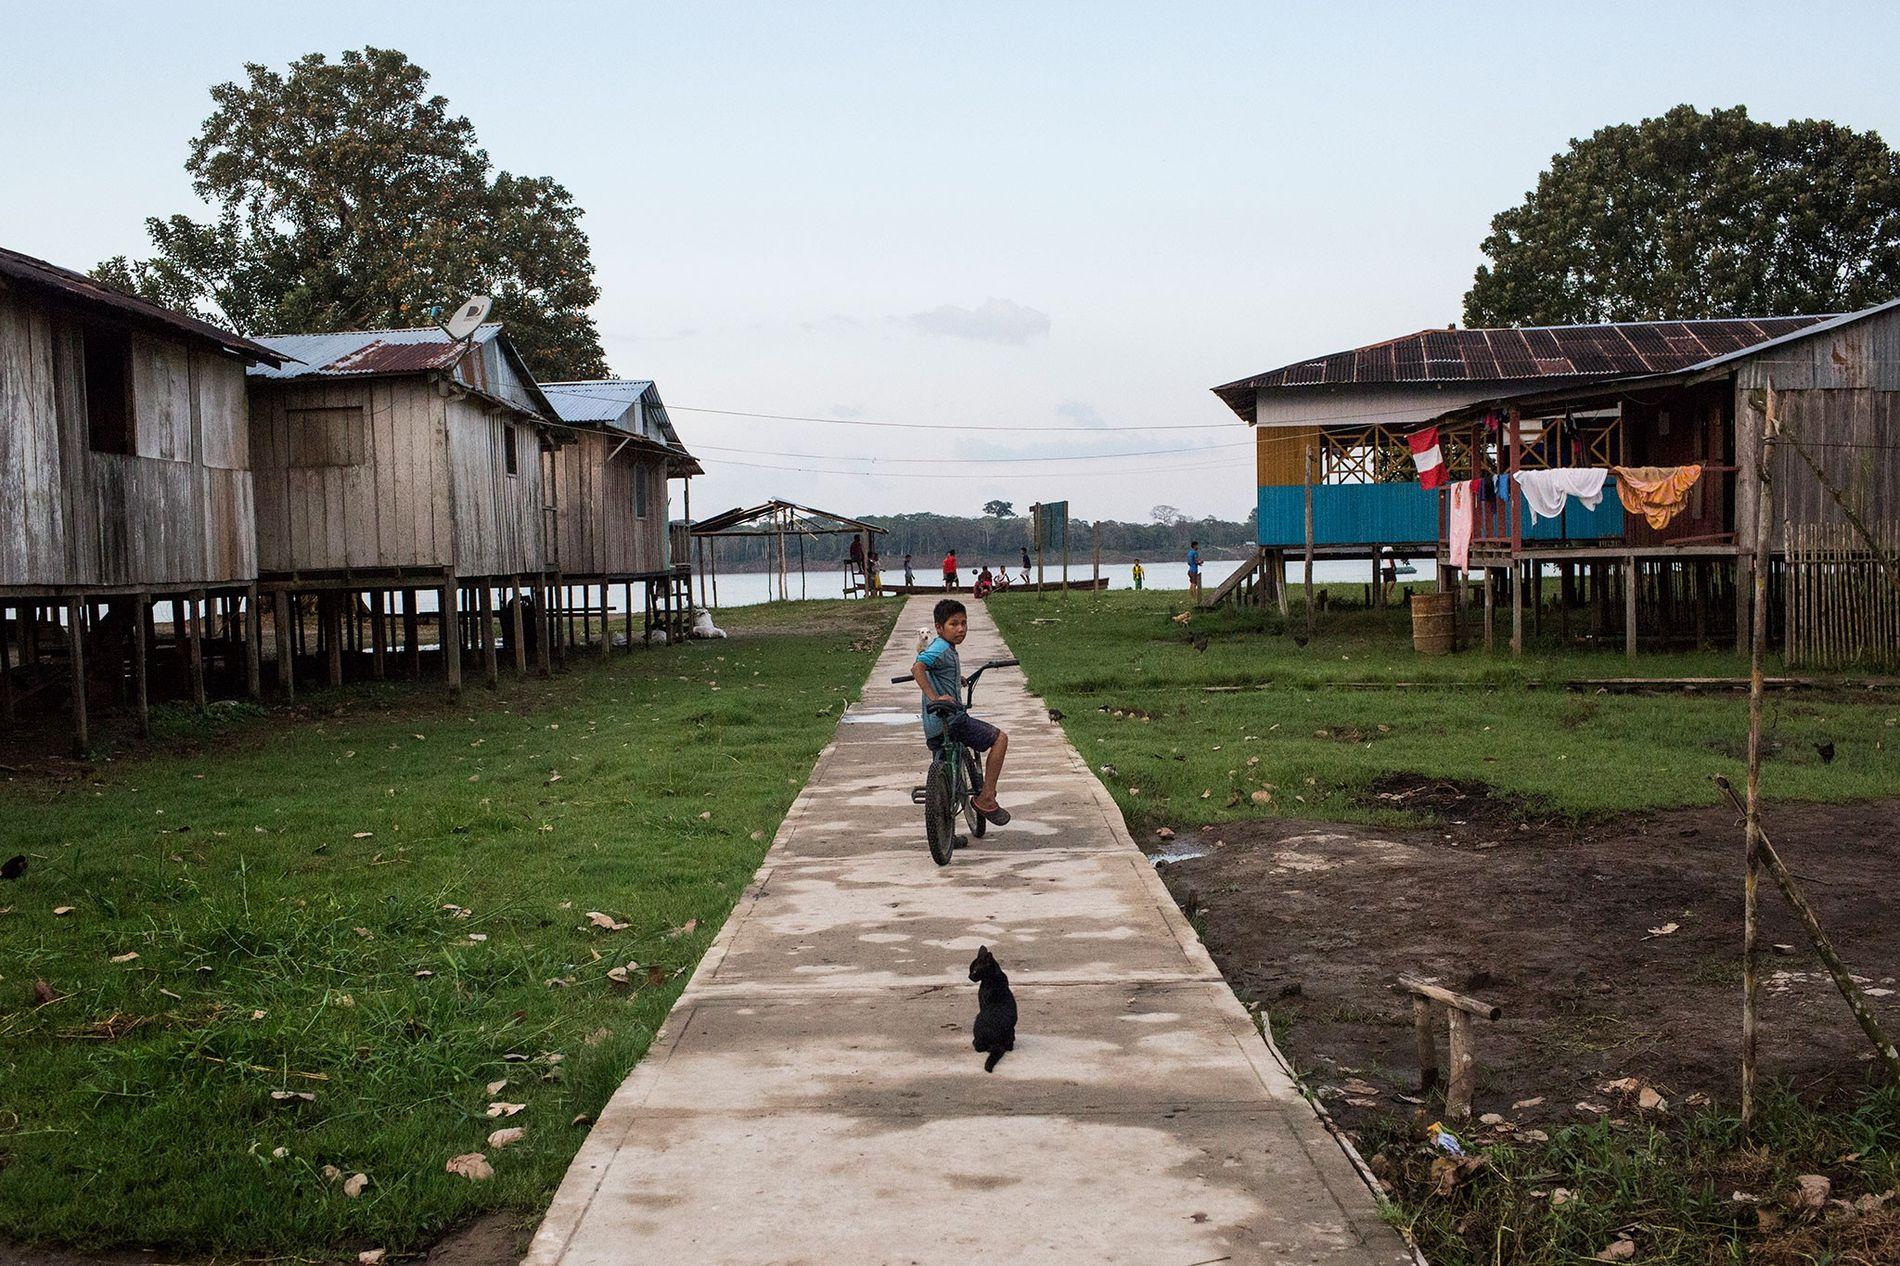 Un niño y un gato se detienen en un camino en Puerto Alegría, una pequeña comunidad ...